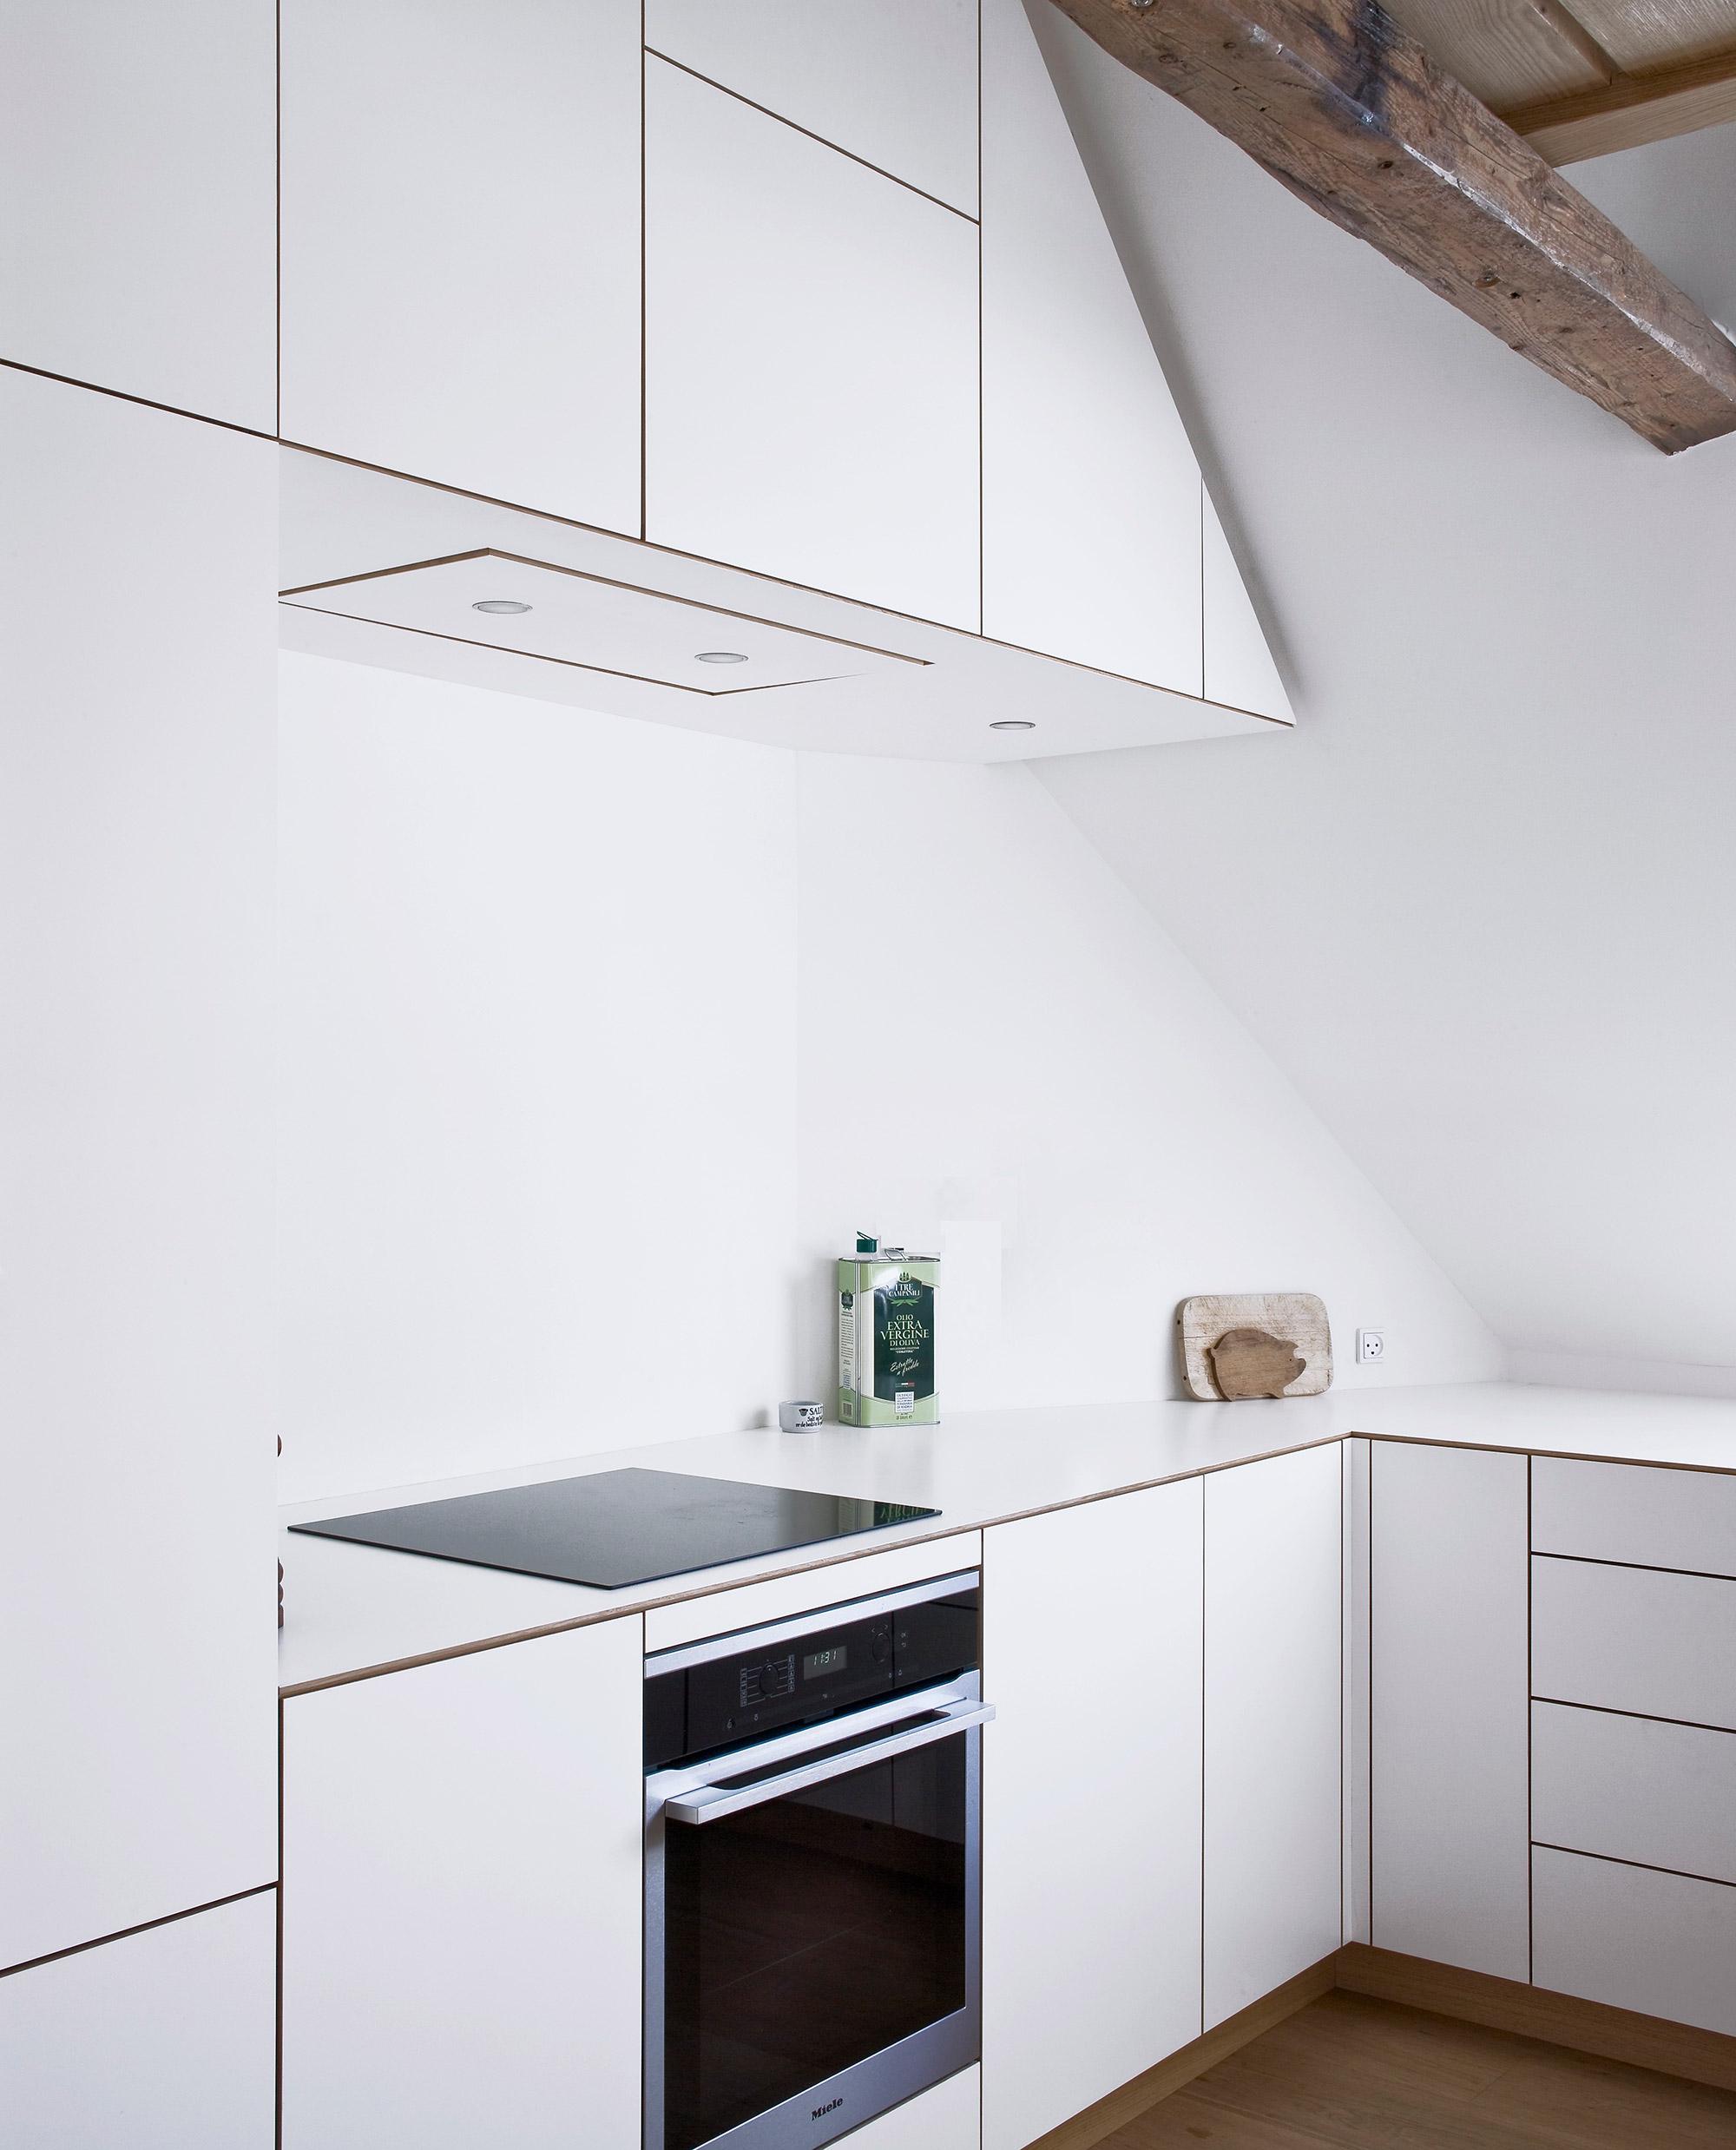 Snedkerkøkkenet Enghave Passage - designet og produceret af Nicolaj Bo™